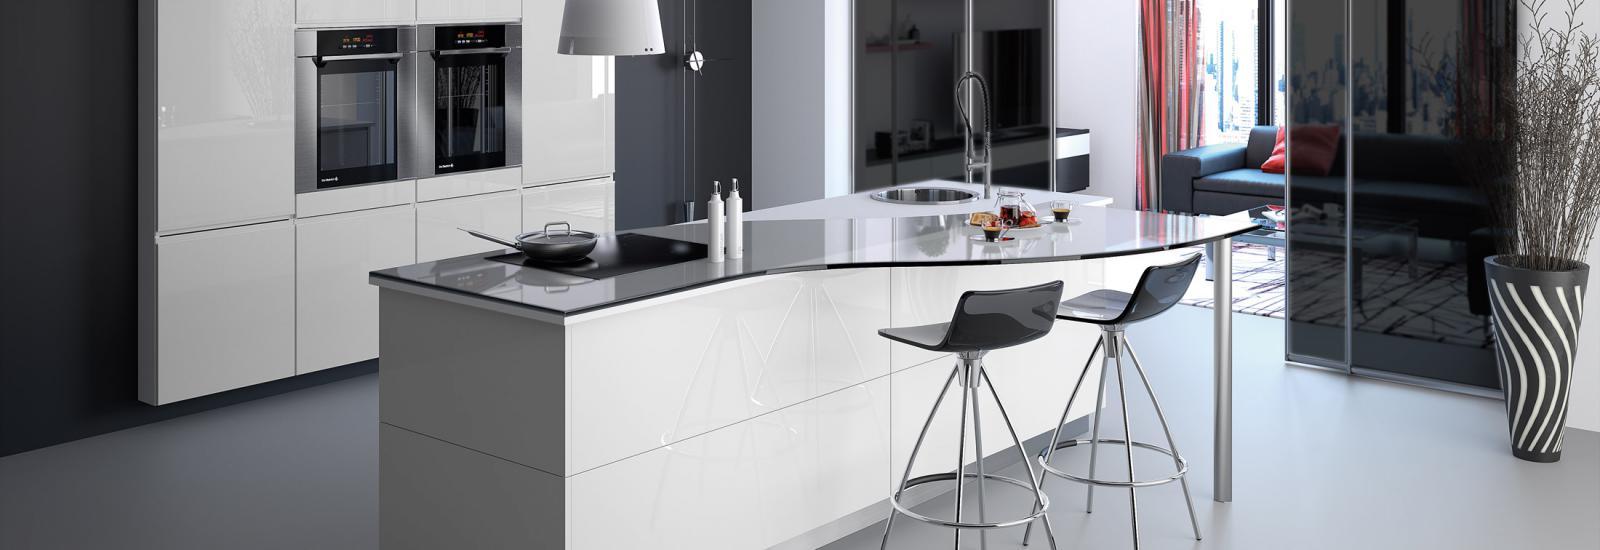 vente et installation de cuisines cuisine design contemporaine moderne clermont ferrand. Black Bedroom Furniture Sets. Home Design Ideas